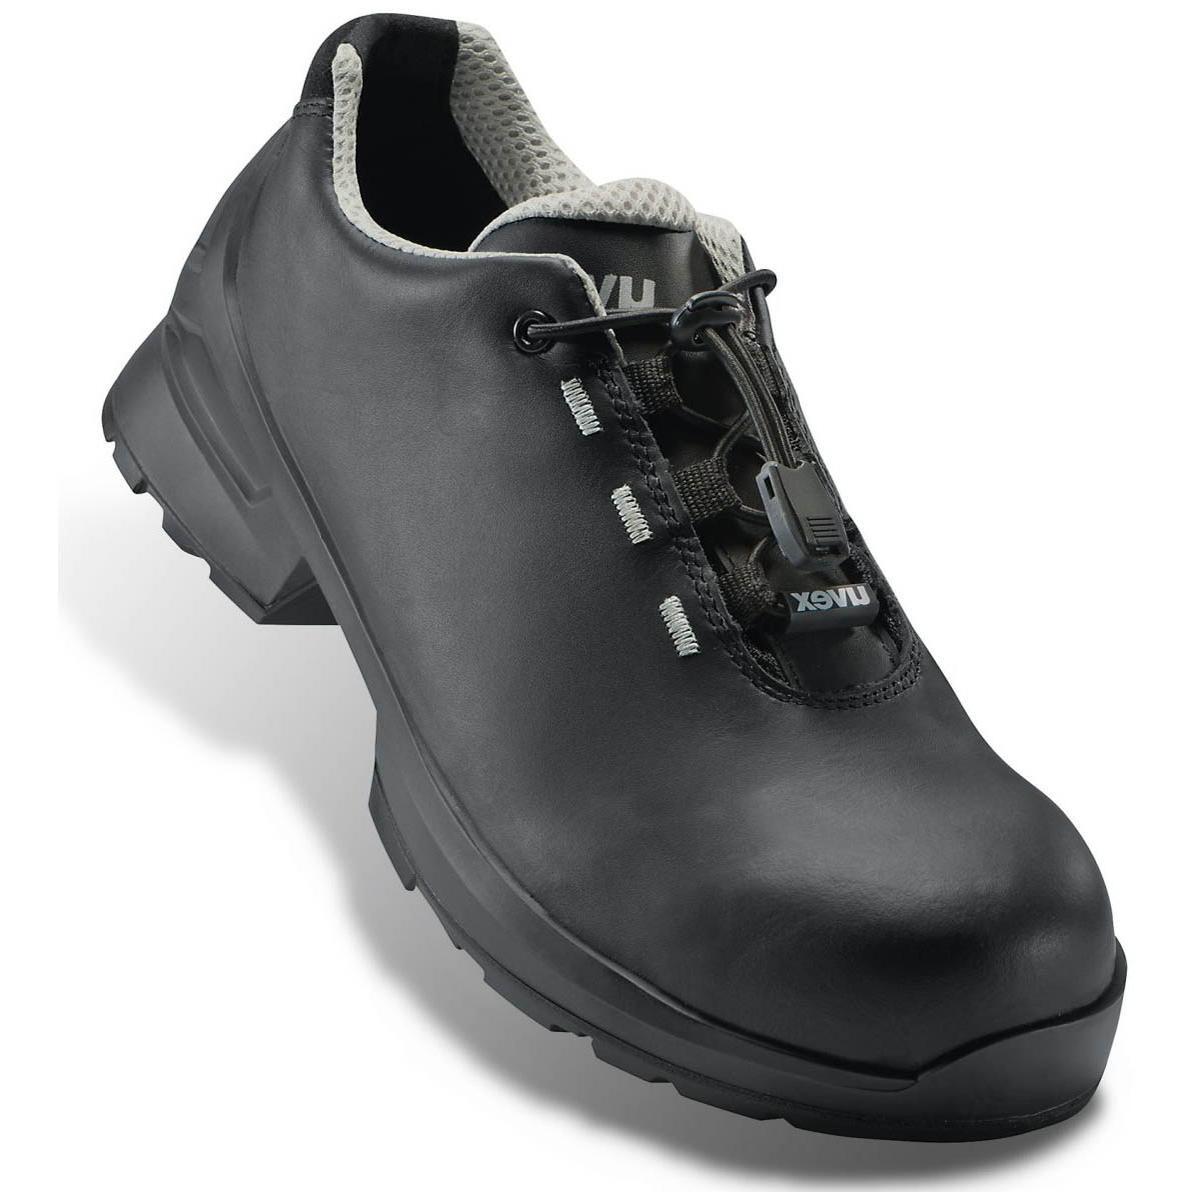 1bbb3d44b7596 Półbuty Ochronne UVEX 1 8553.2 ESD - EN ISO 20345 S3 SRC - sklep PPE24